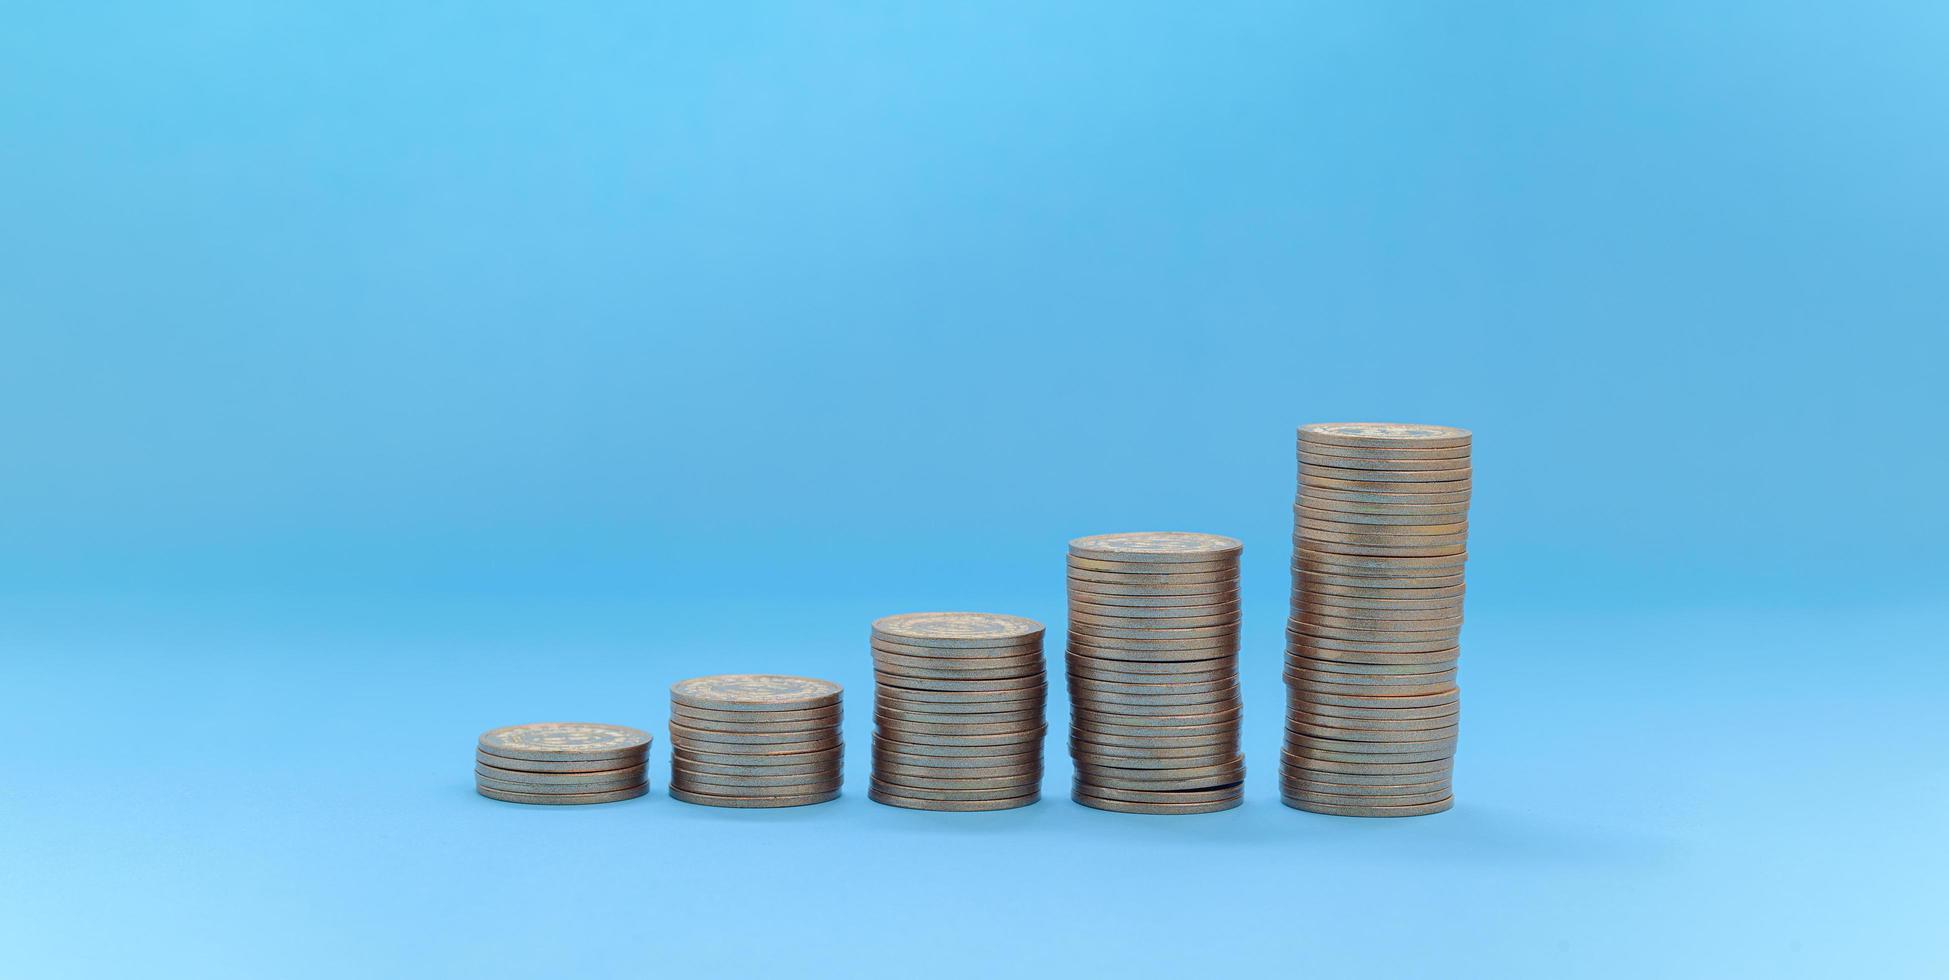 crescita delle scorte di investimento di monete impilate foto